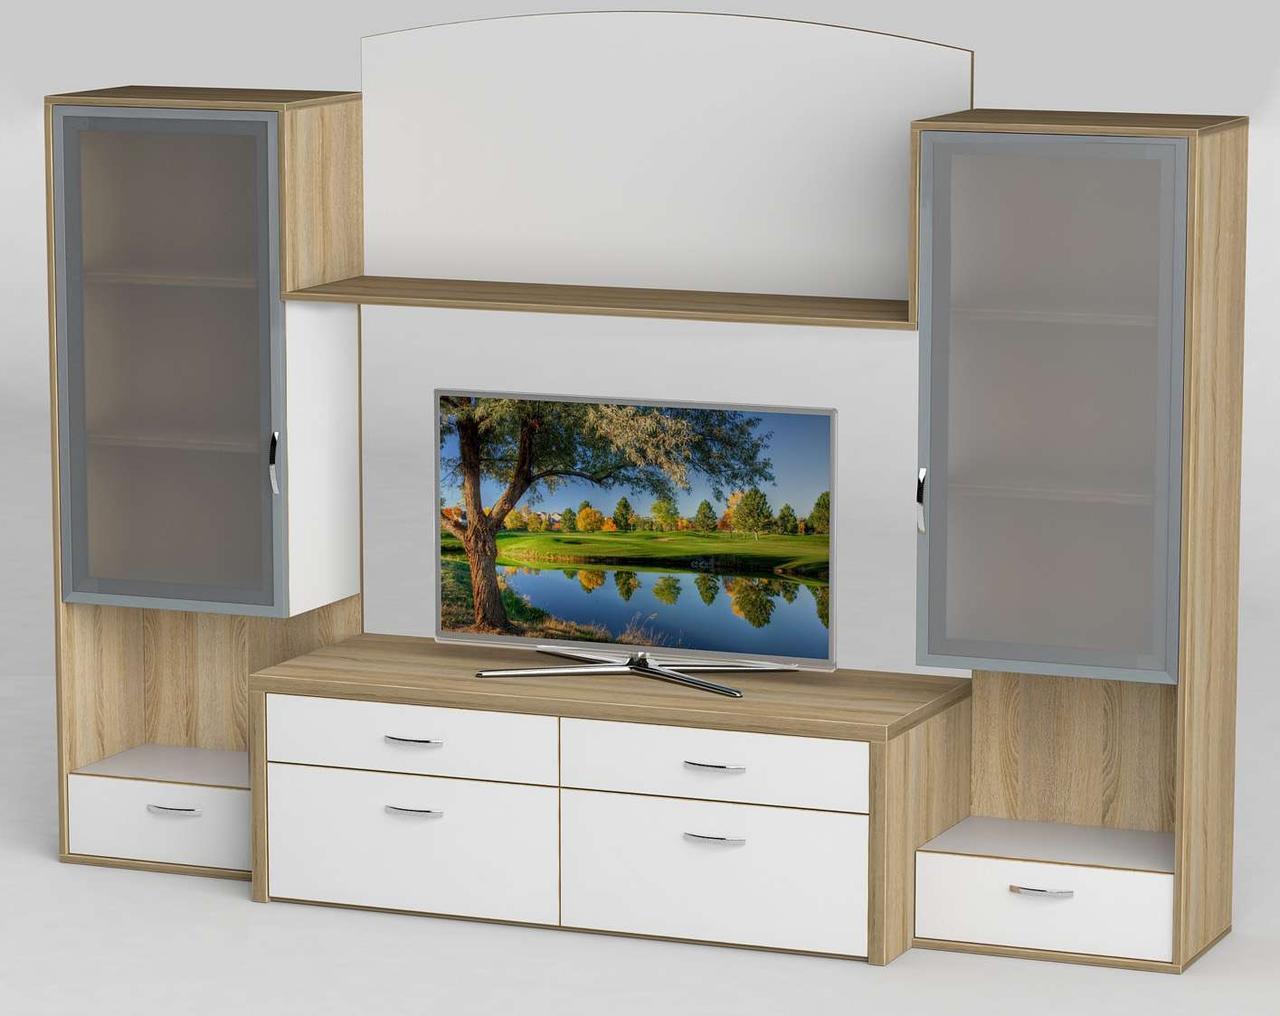 Стінка для вітальні з ДСП/МДФ (гостиная стенка) - 110 Тіса меблі